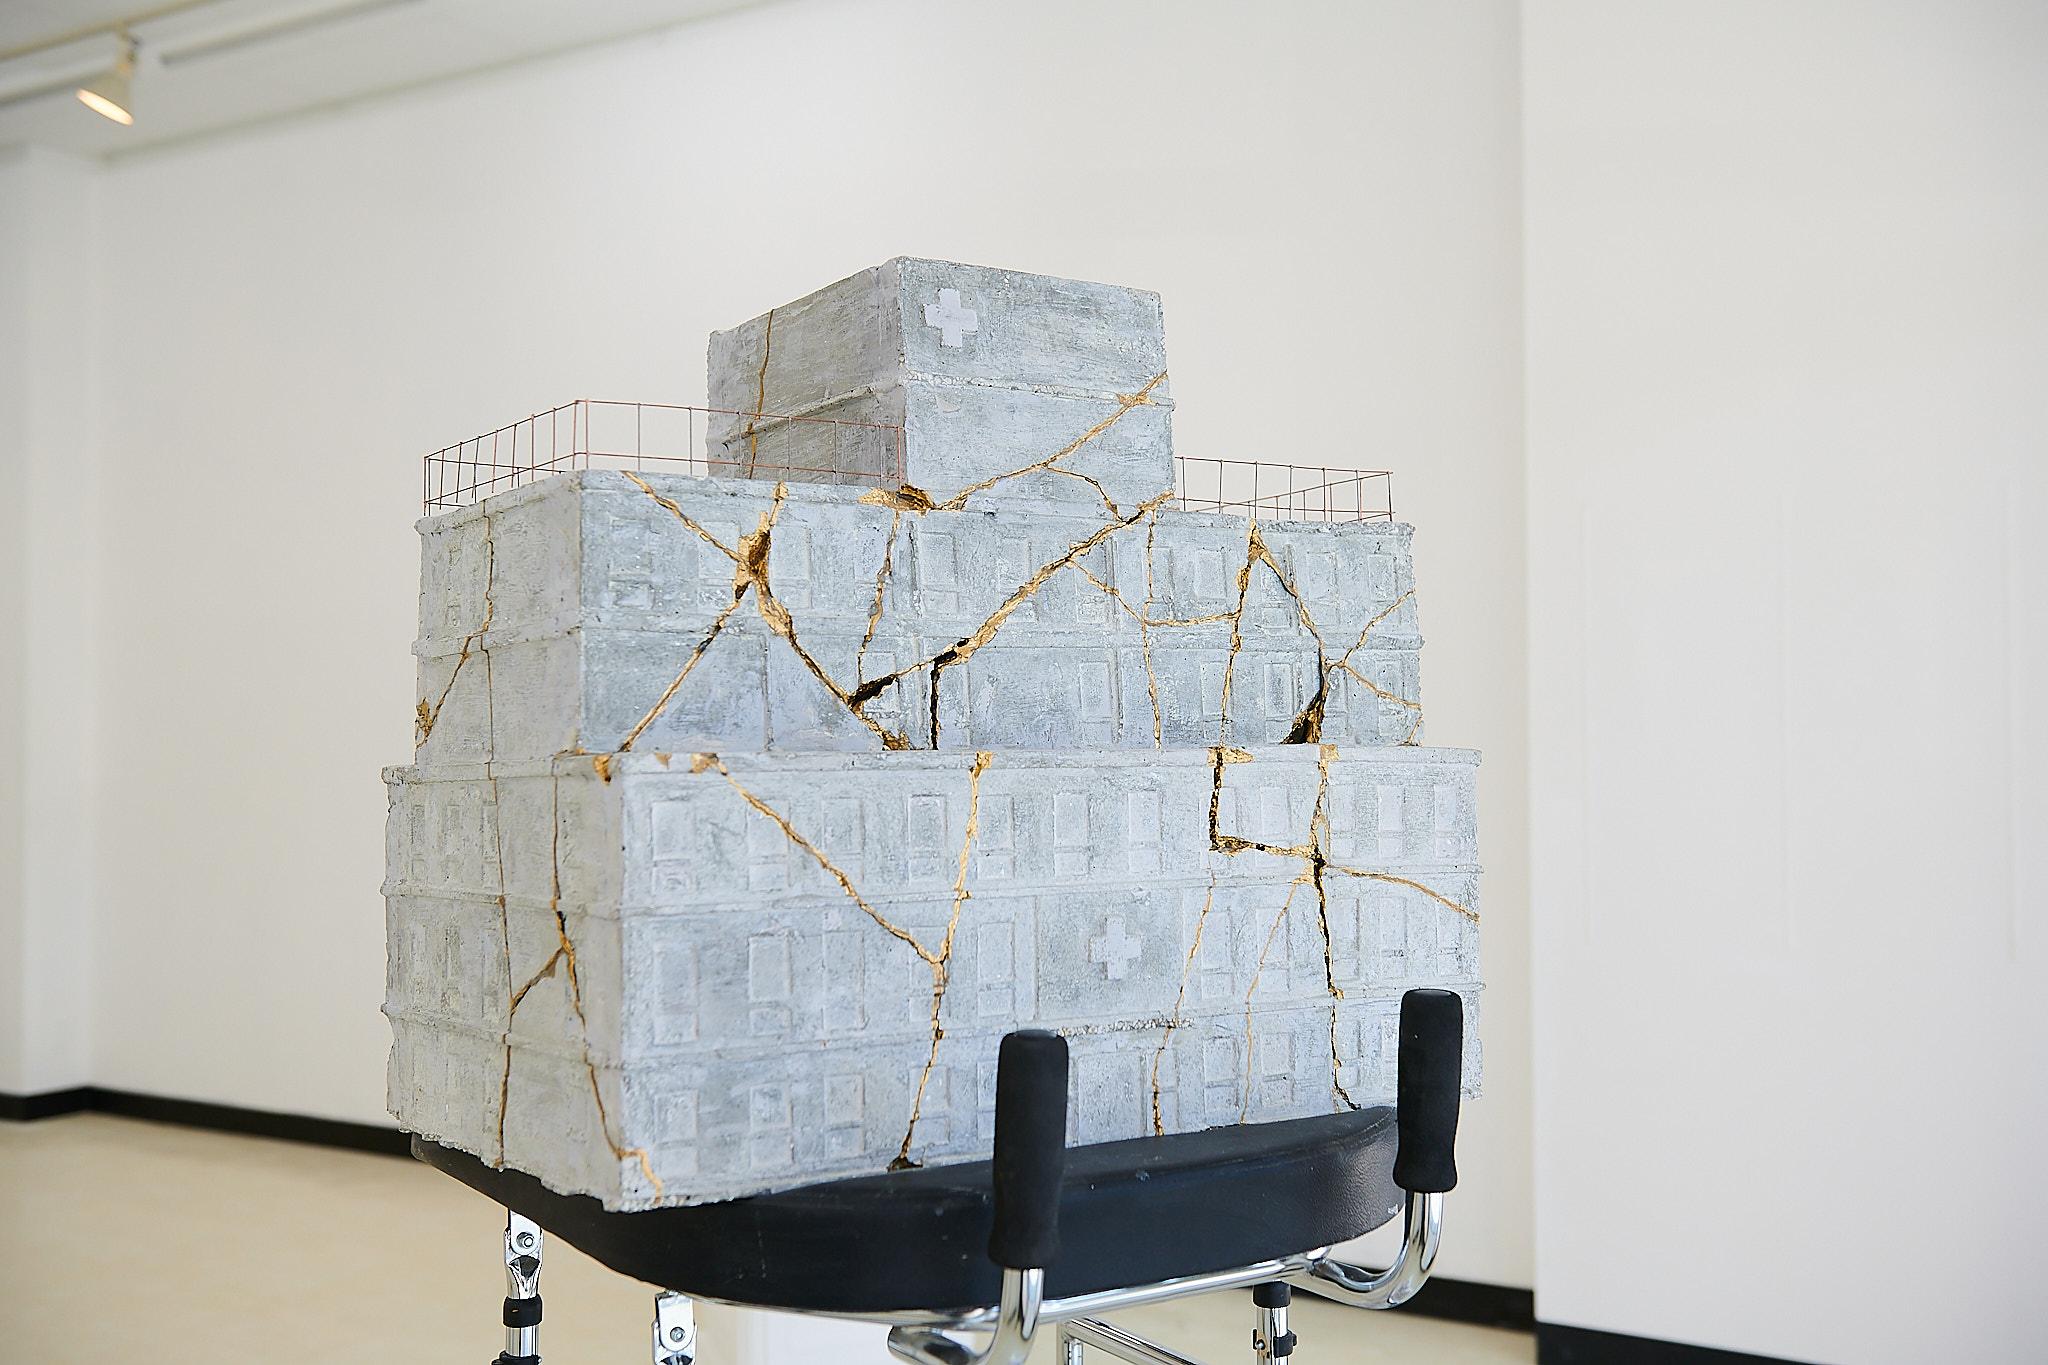 《修復のモニュメント「病院」》 2020年 ©Atsushi Watanabe 2020、©I'm here project2020 共同制作: S氏 撮影: Keisuke Inoue